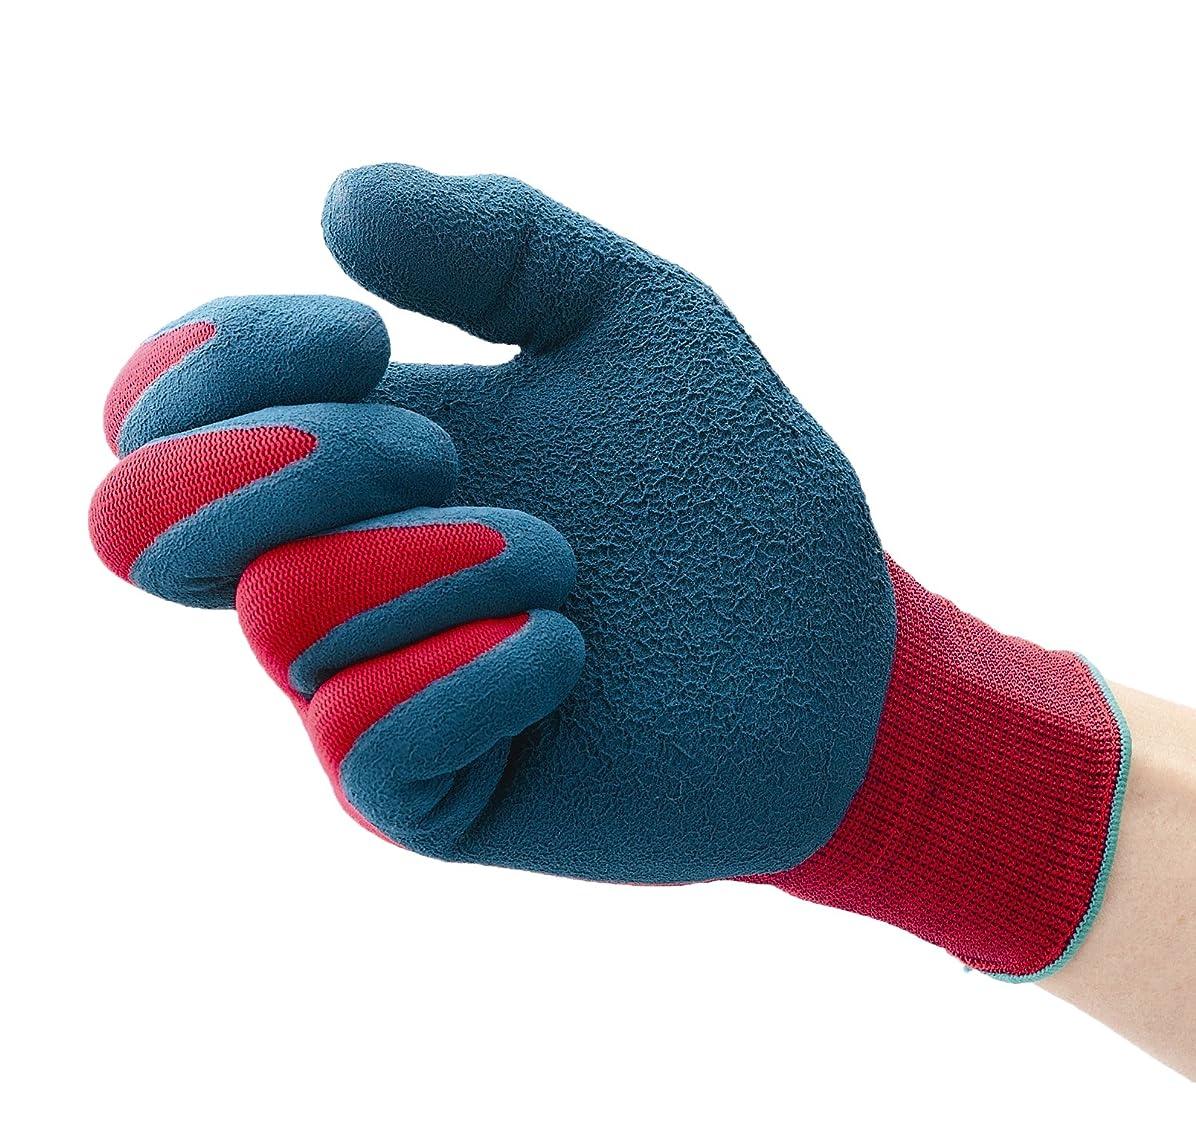 バラバラにするキッチンレッスンダンロップホームプロダクツ デジハンド パワフルフィット レッド L 作業用手袋 細かな作業に